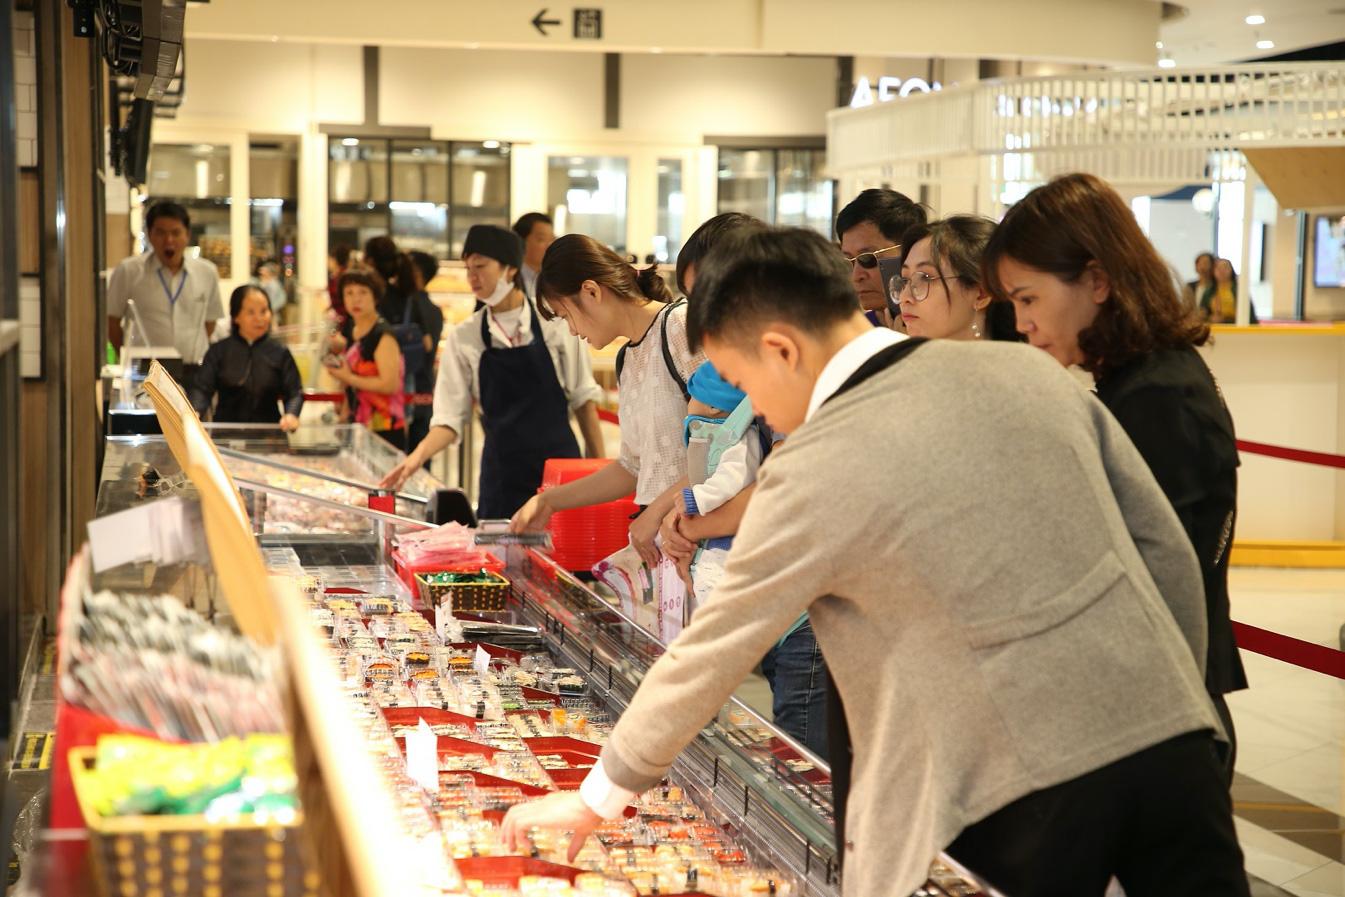 Không lòng vòng, khám phá siêu thị AEON lớn nhất Hải Phòng sắp khai trương - Ảnh 1.